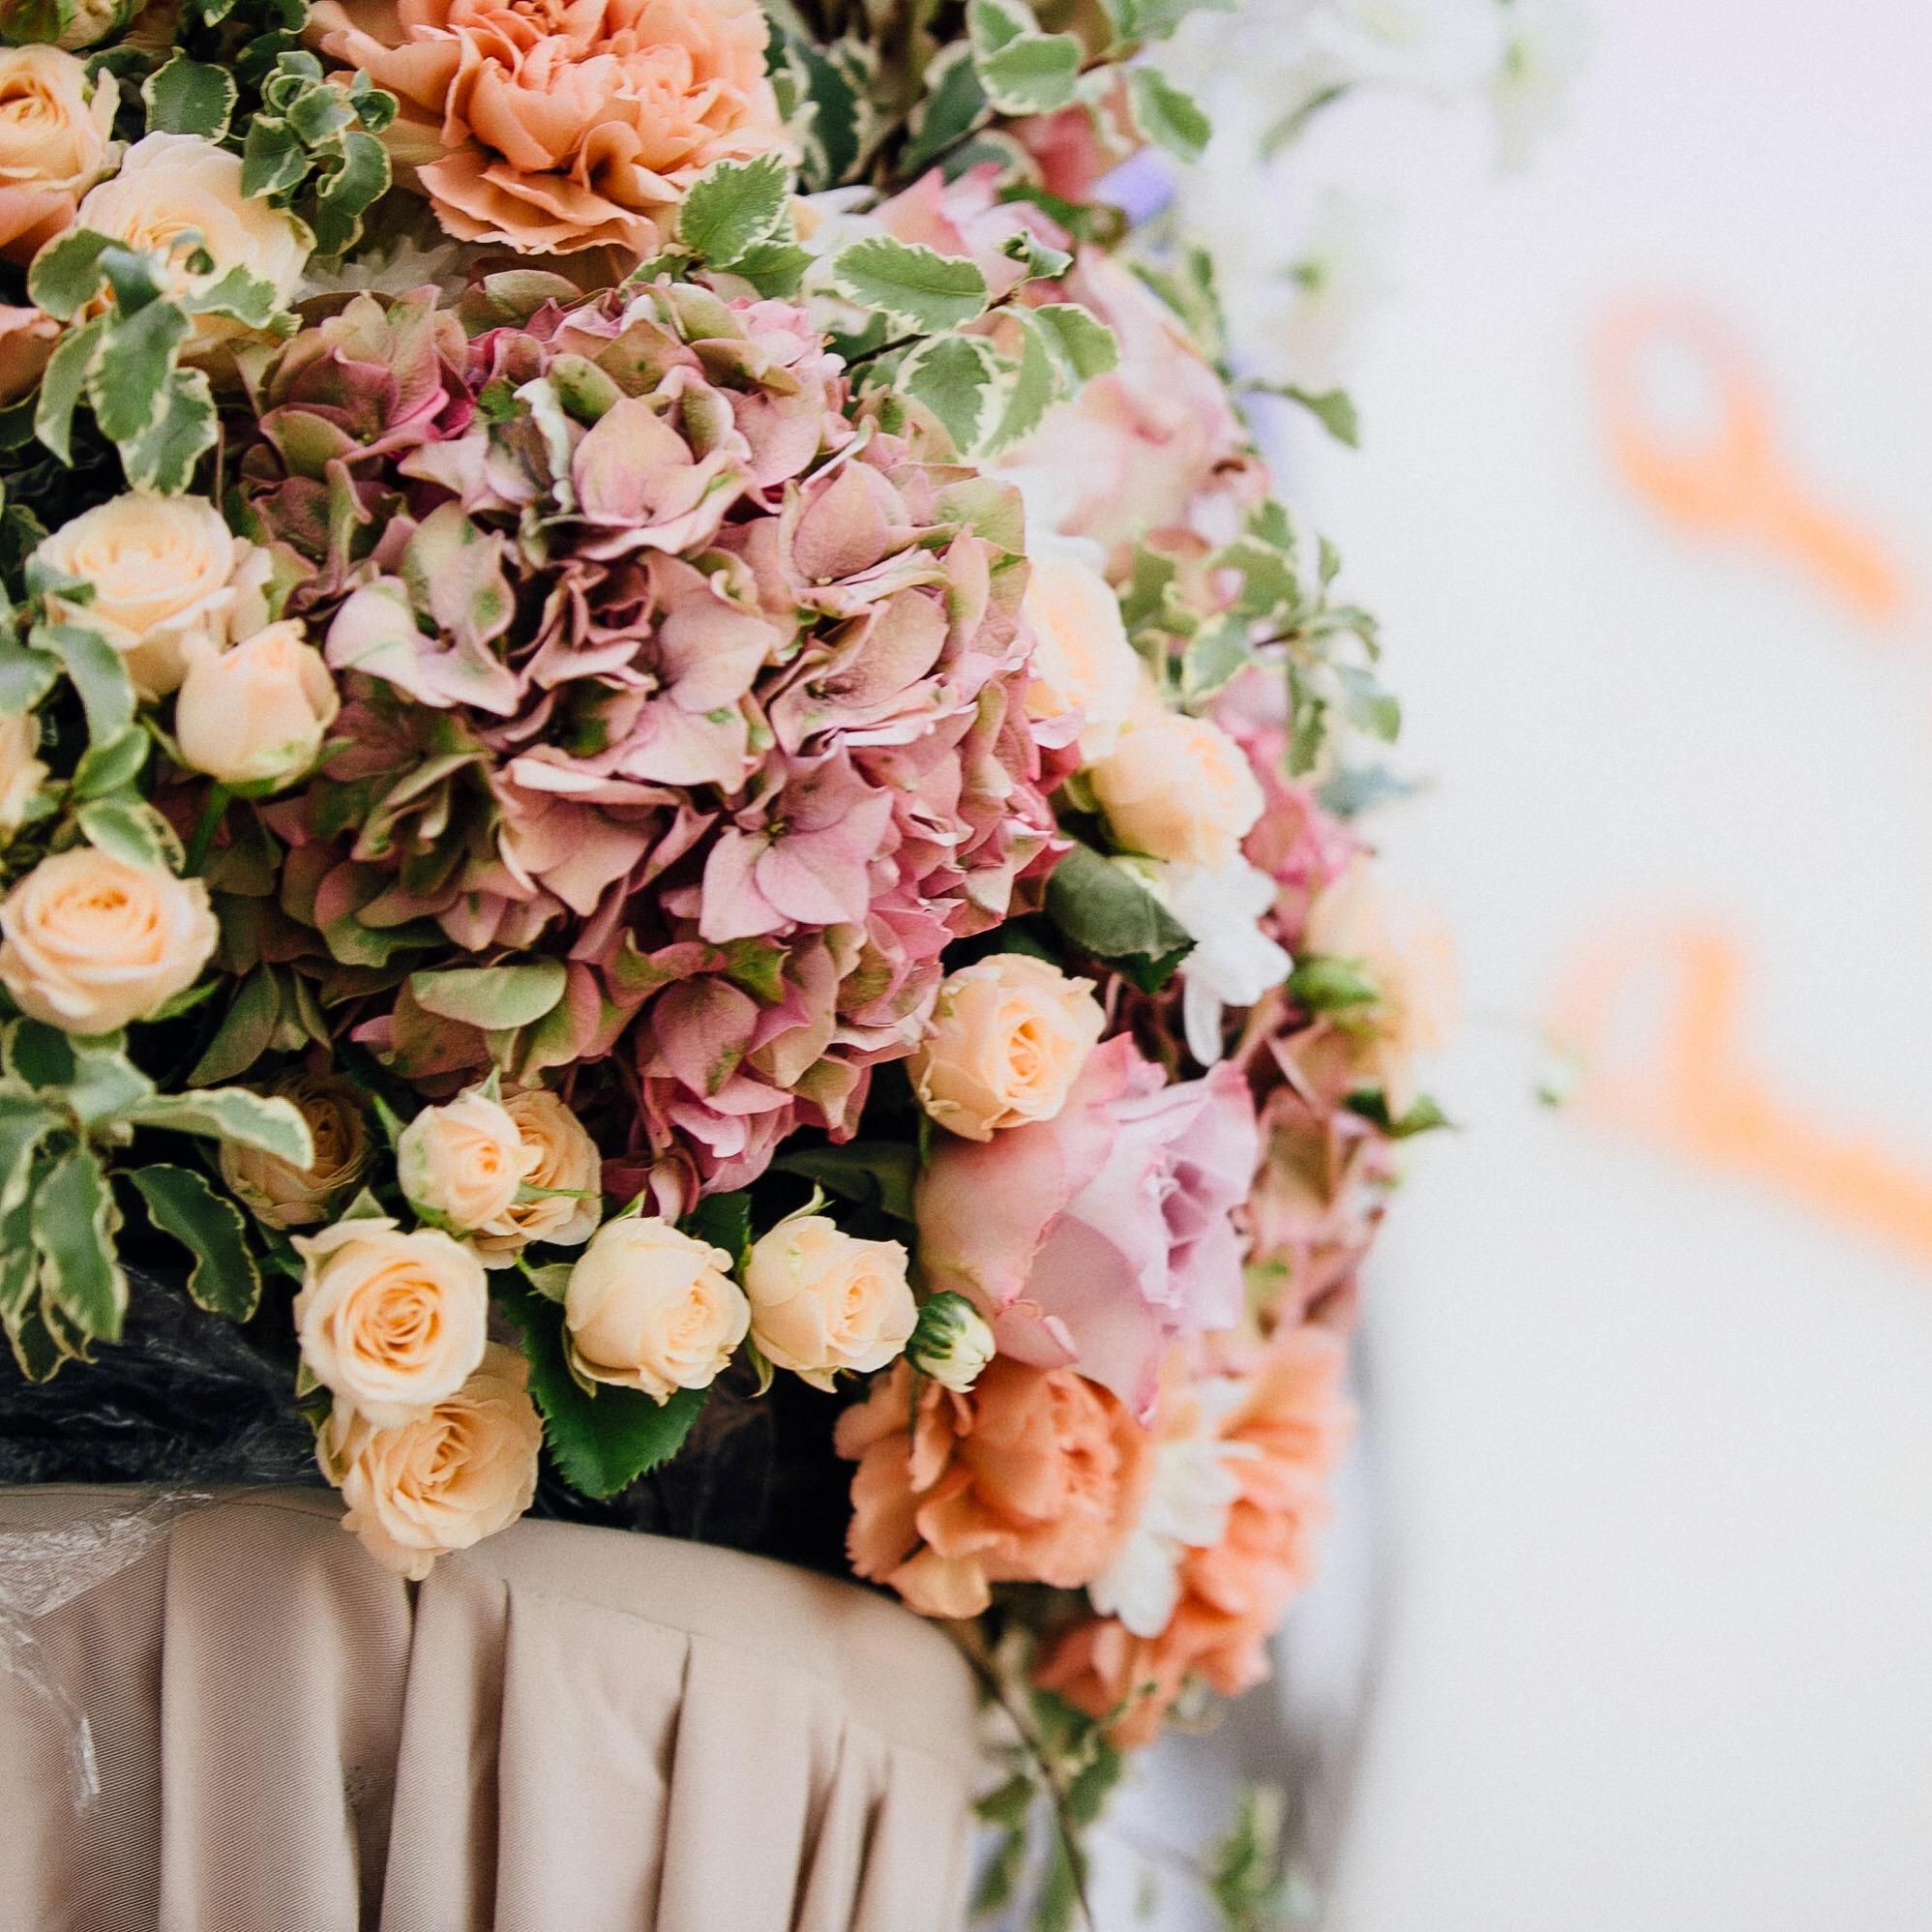 Оформление свадьбы, цветы композиция